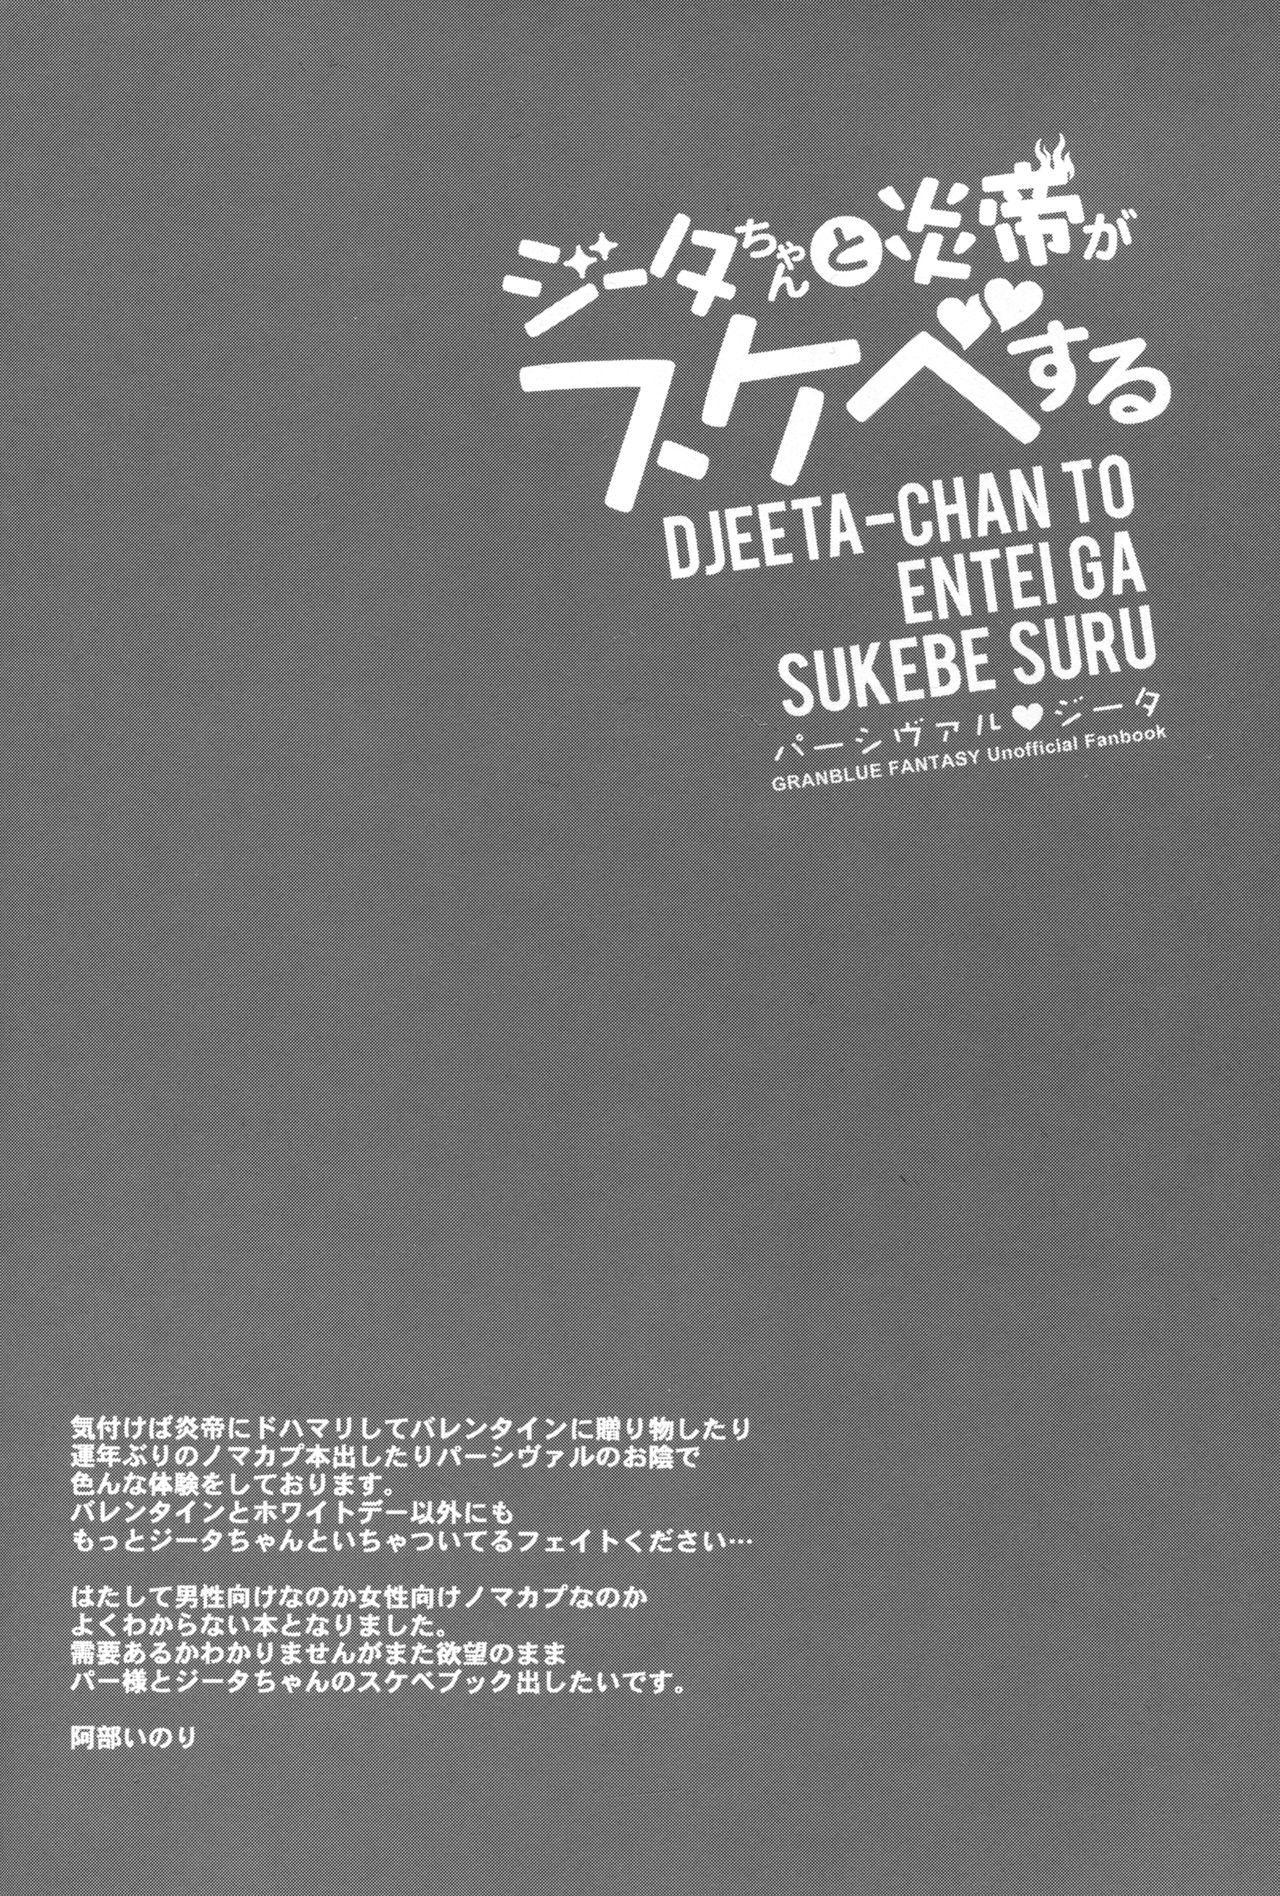 Djeeta-chan to Entei ga Sukebe suru 24